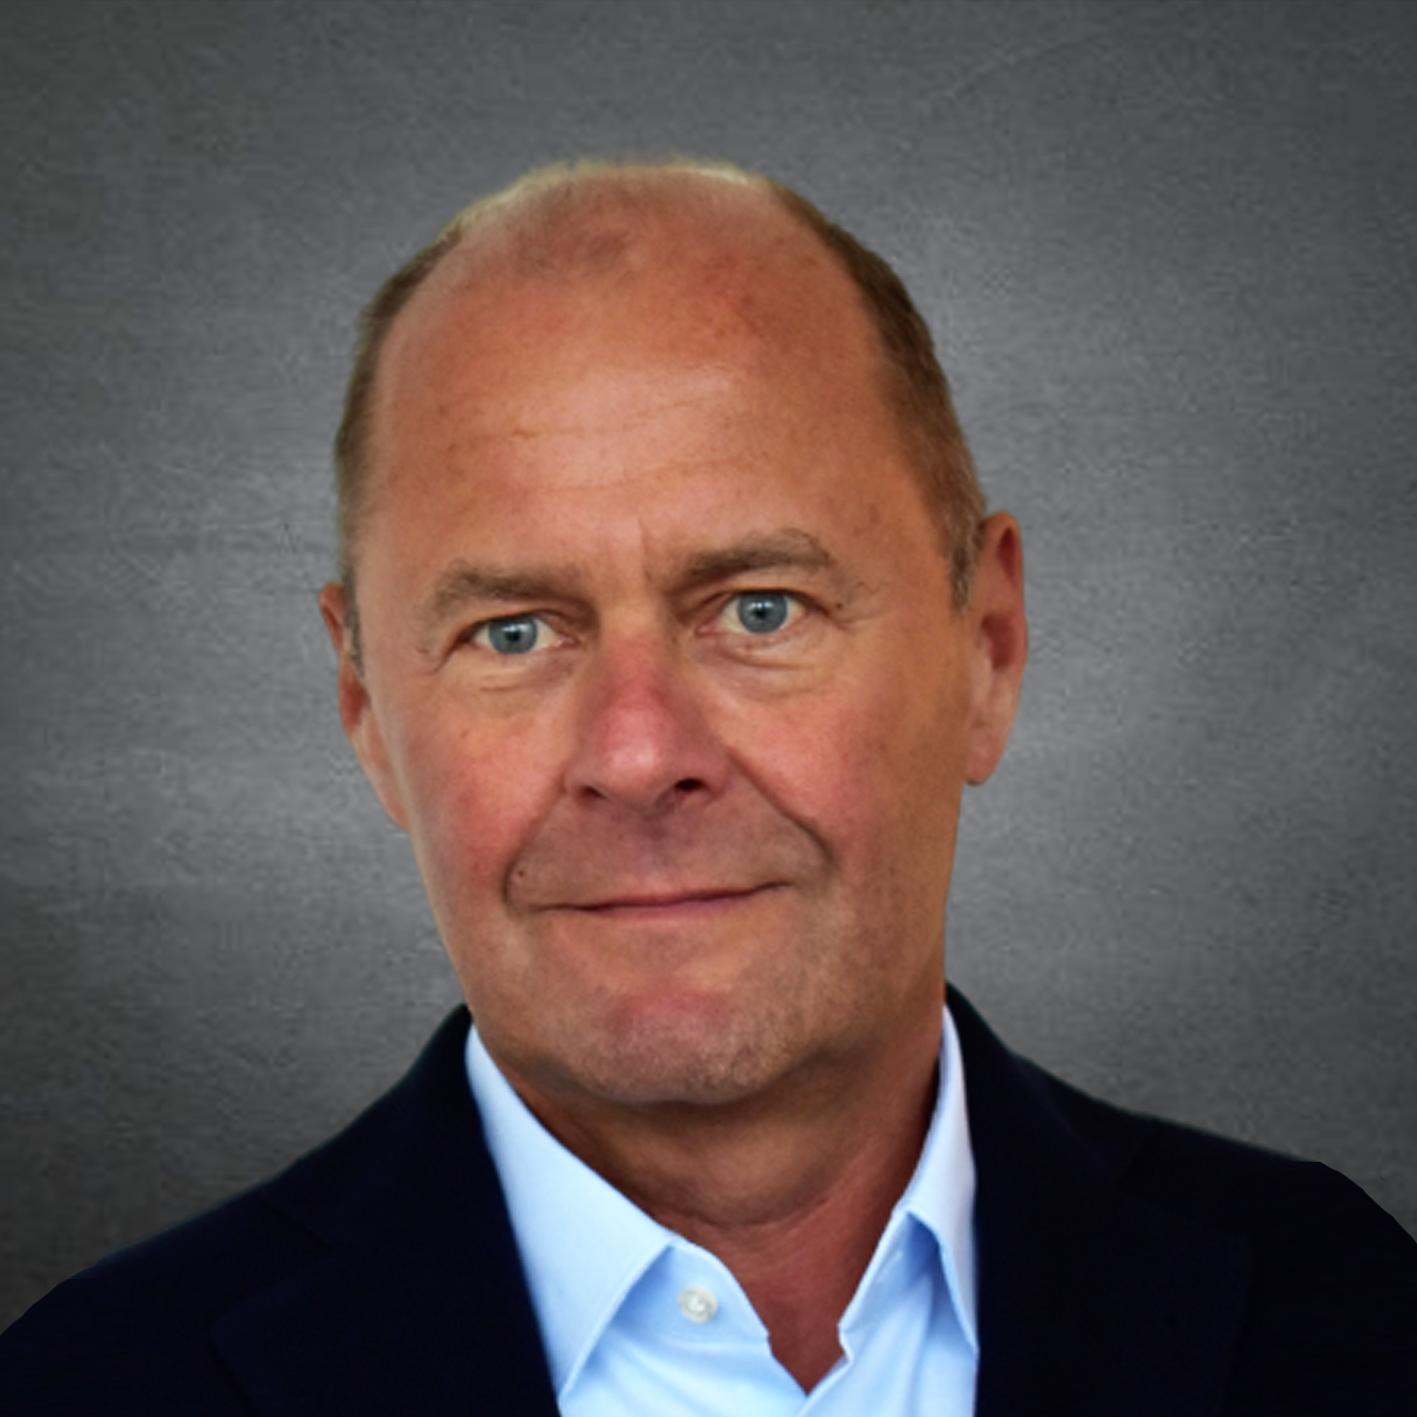 Klaus Zorn